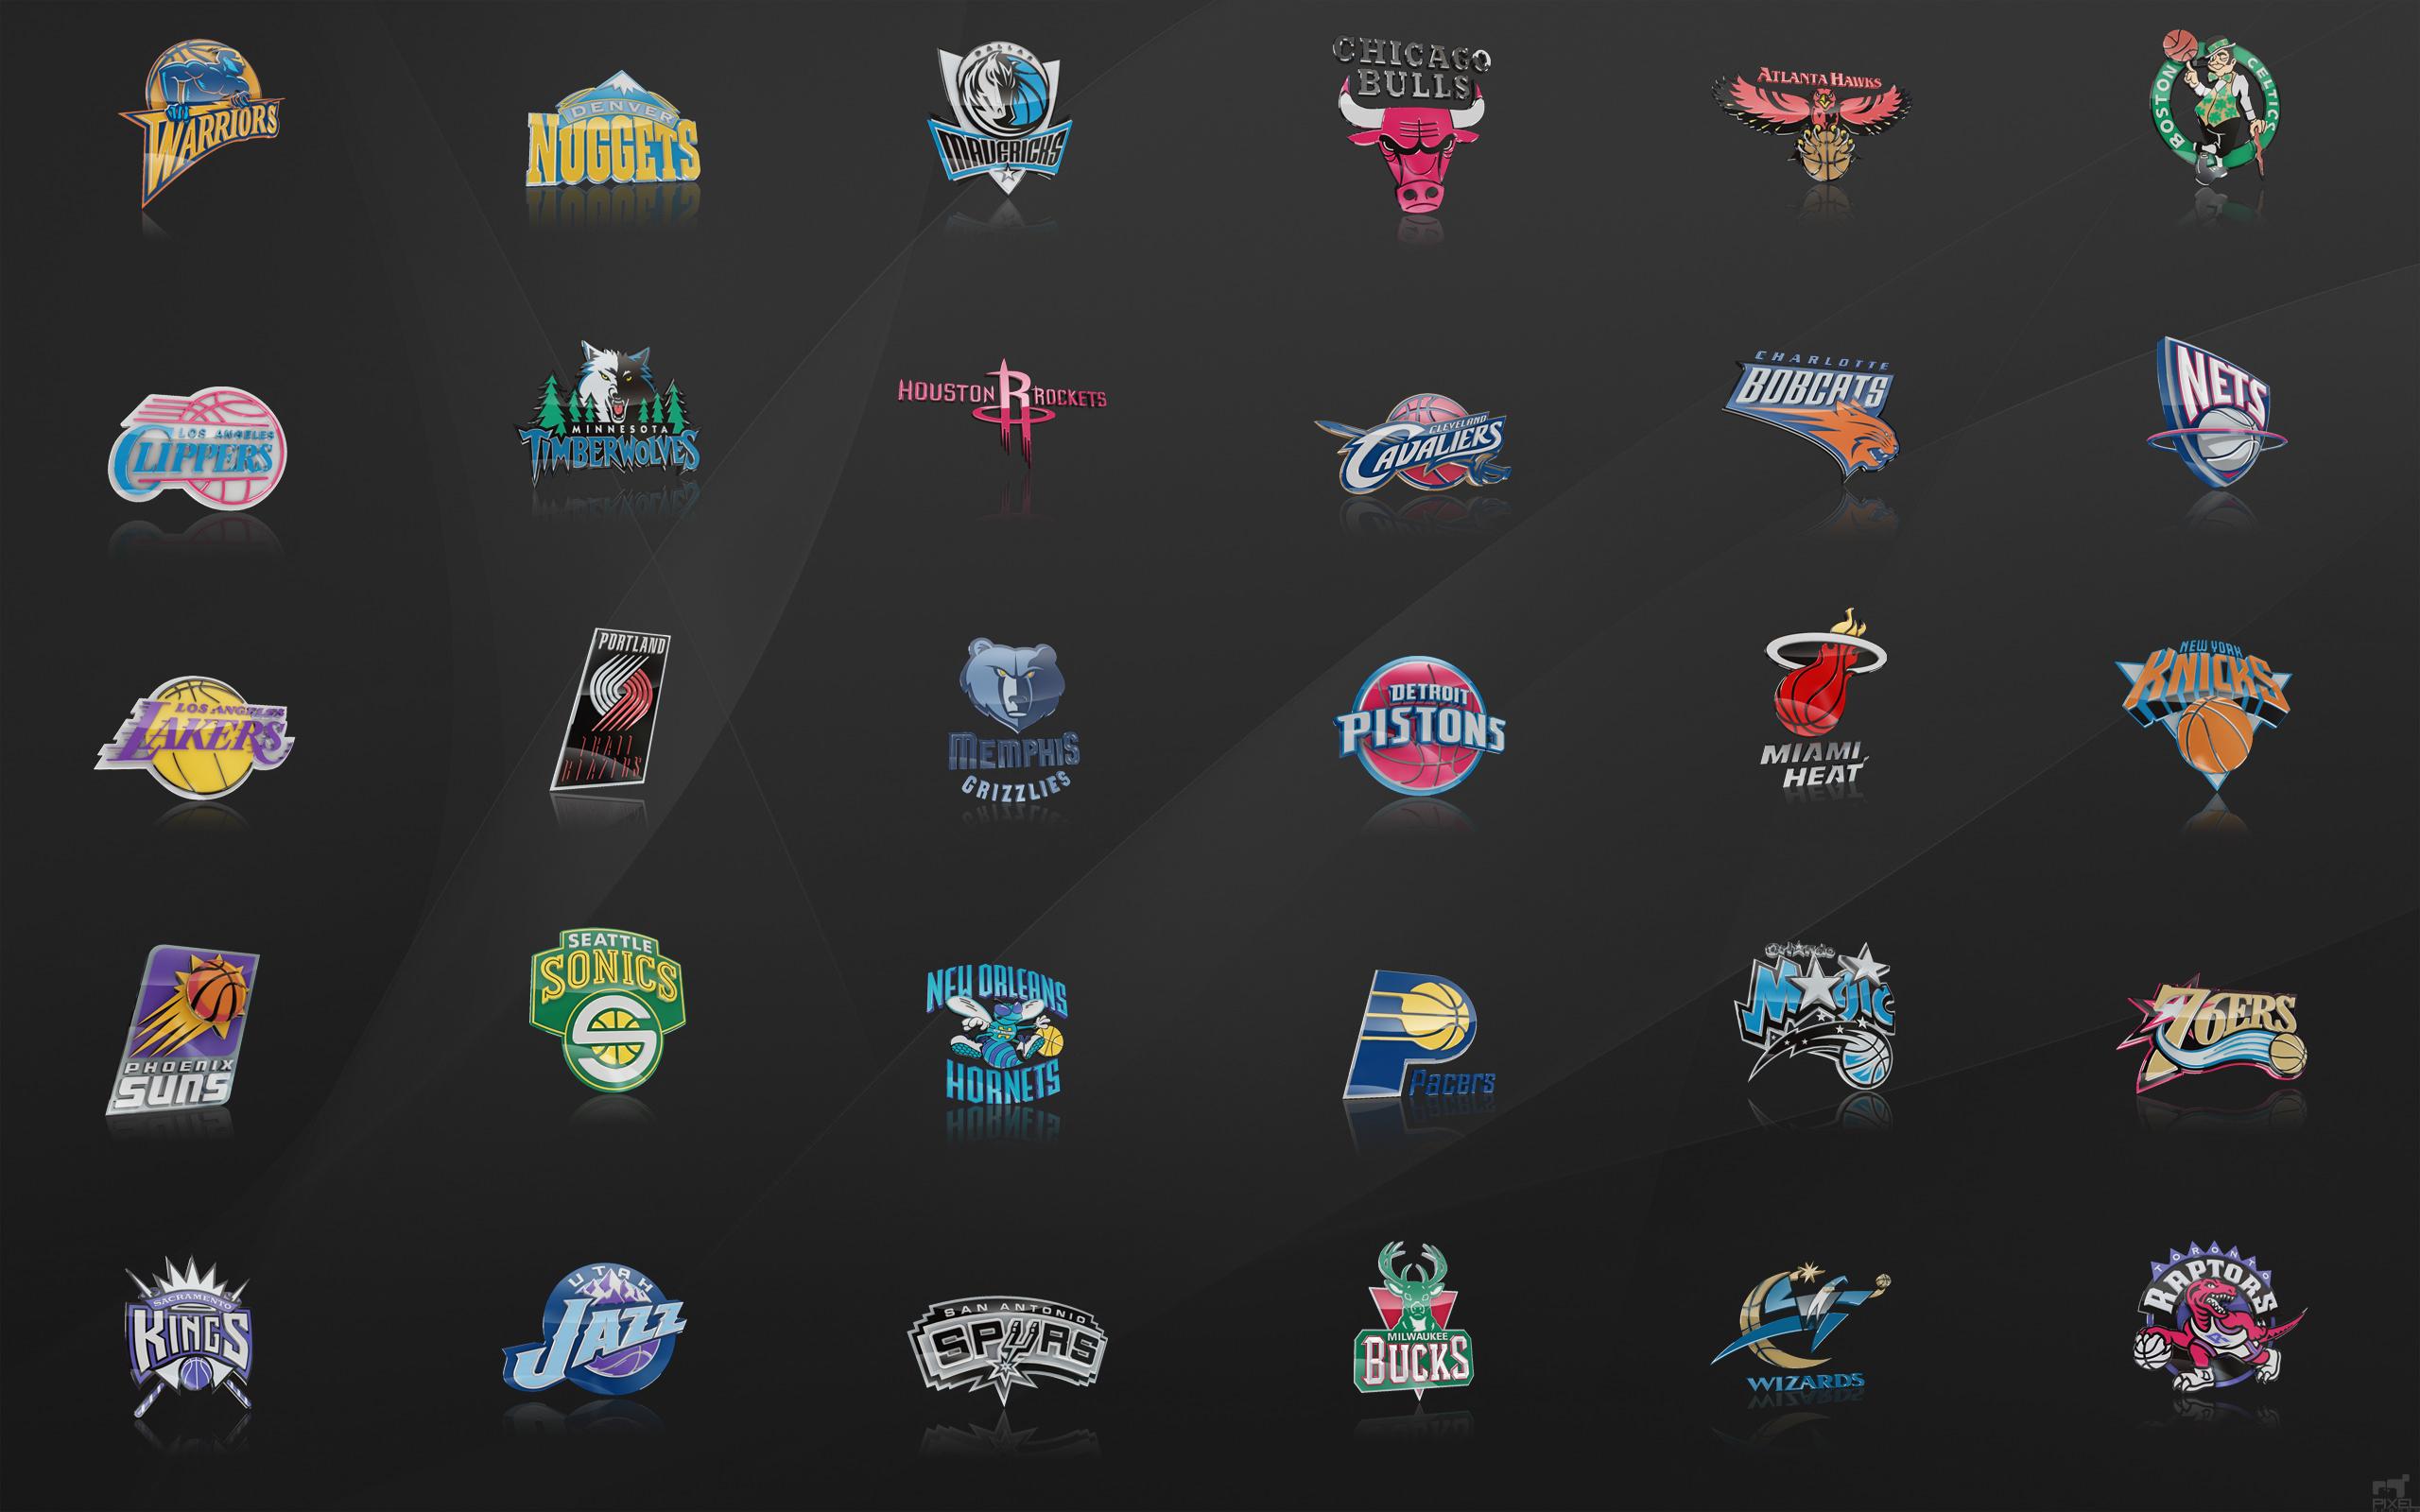 Cool Nba Players Wallpapers: [48+] Cool Basketball Wallpapers NBA On WallpaperSafari